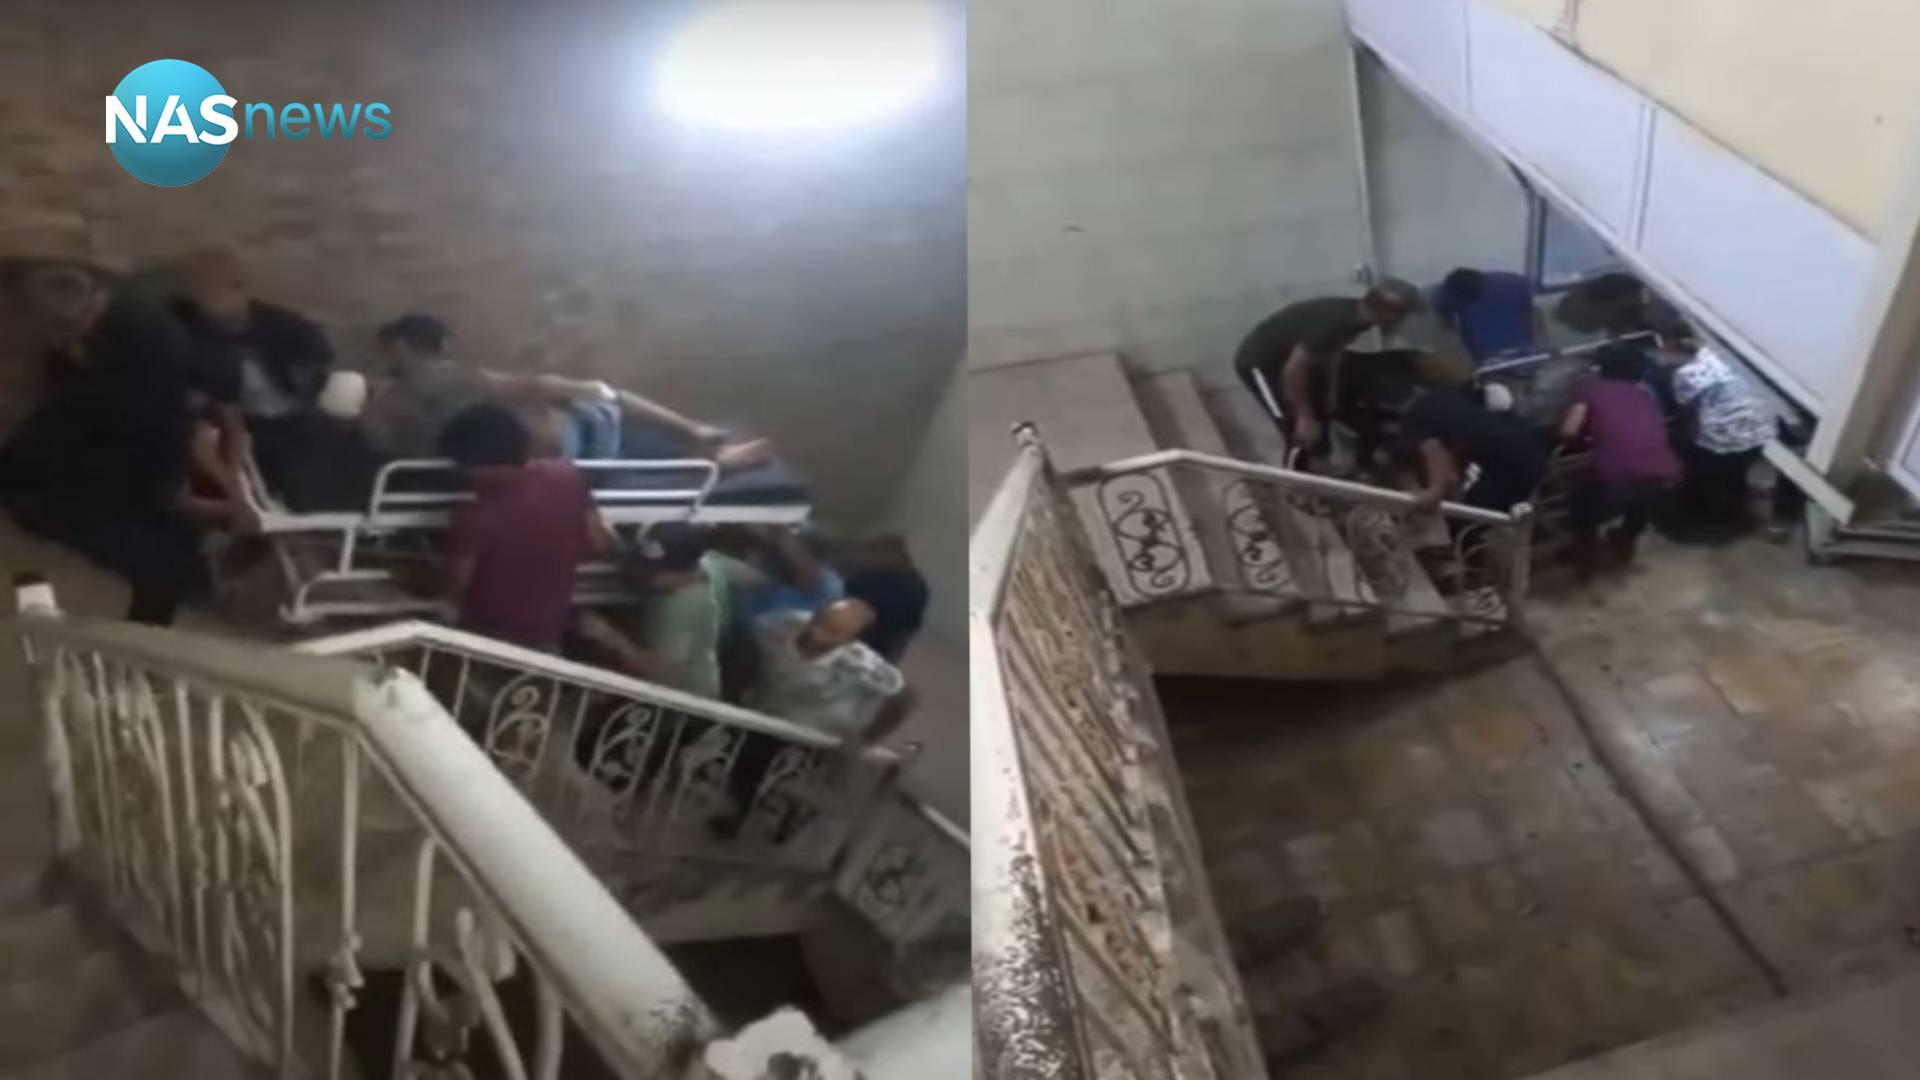 الصحة تخرج عن صمتها بشأن 'مصعد اليرموك' وتعلق على المشهد 'المربك' (فيديو)